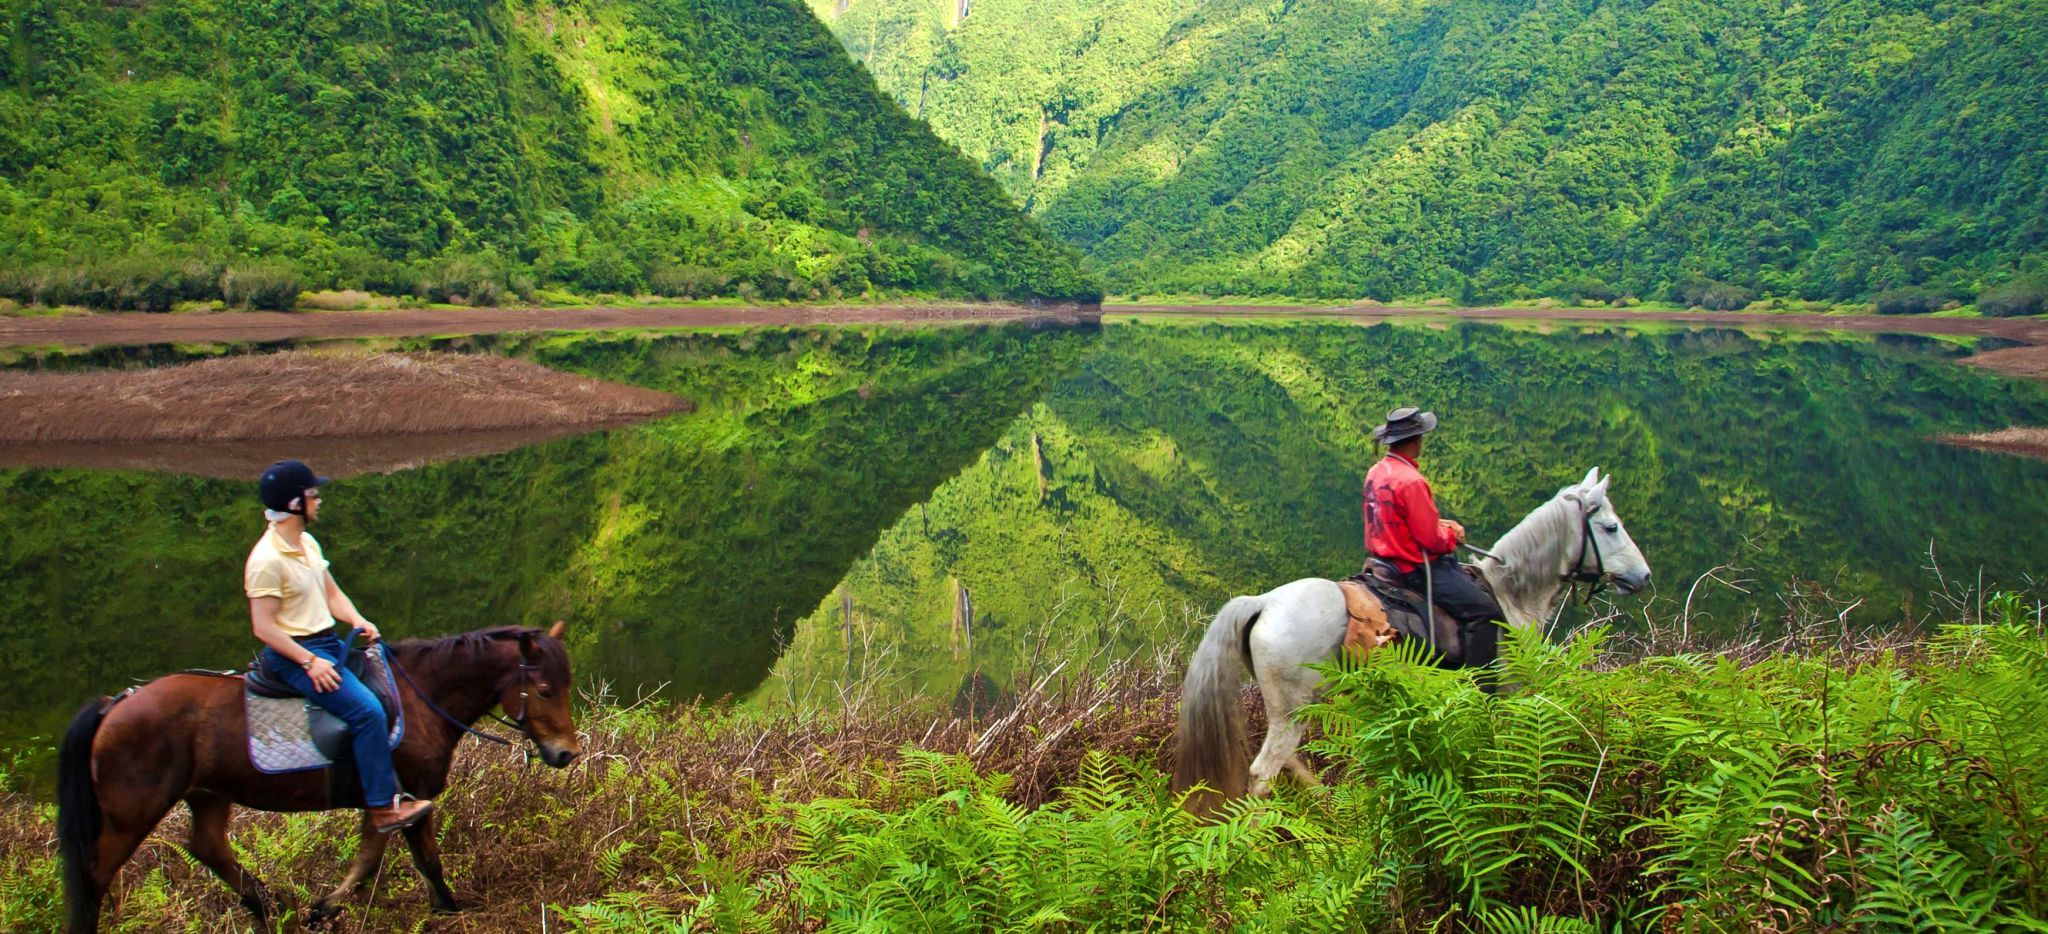 Zwei Reiter neben einem Bergsee auf der Insel La Réunion